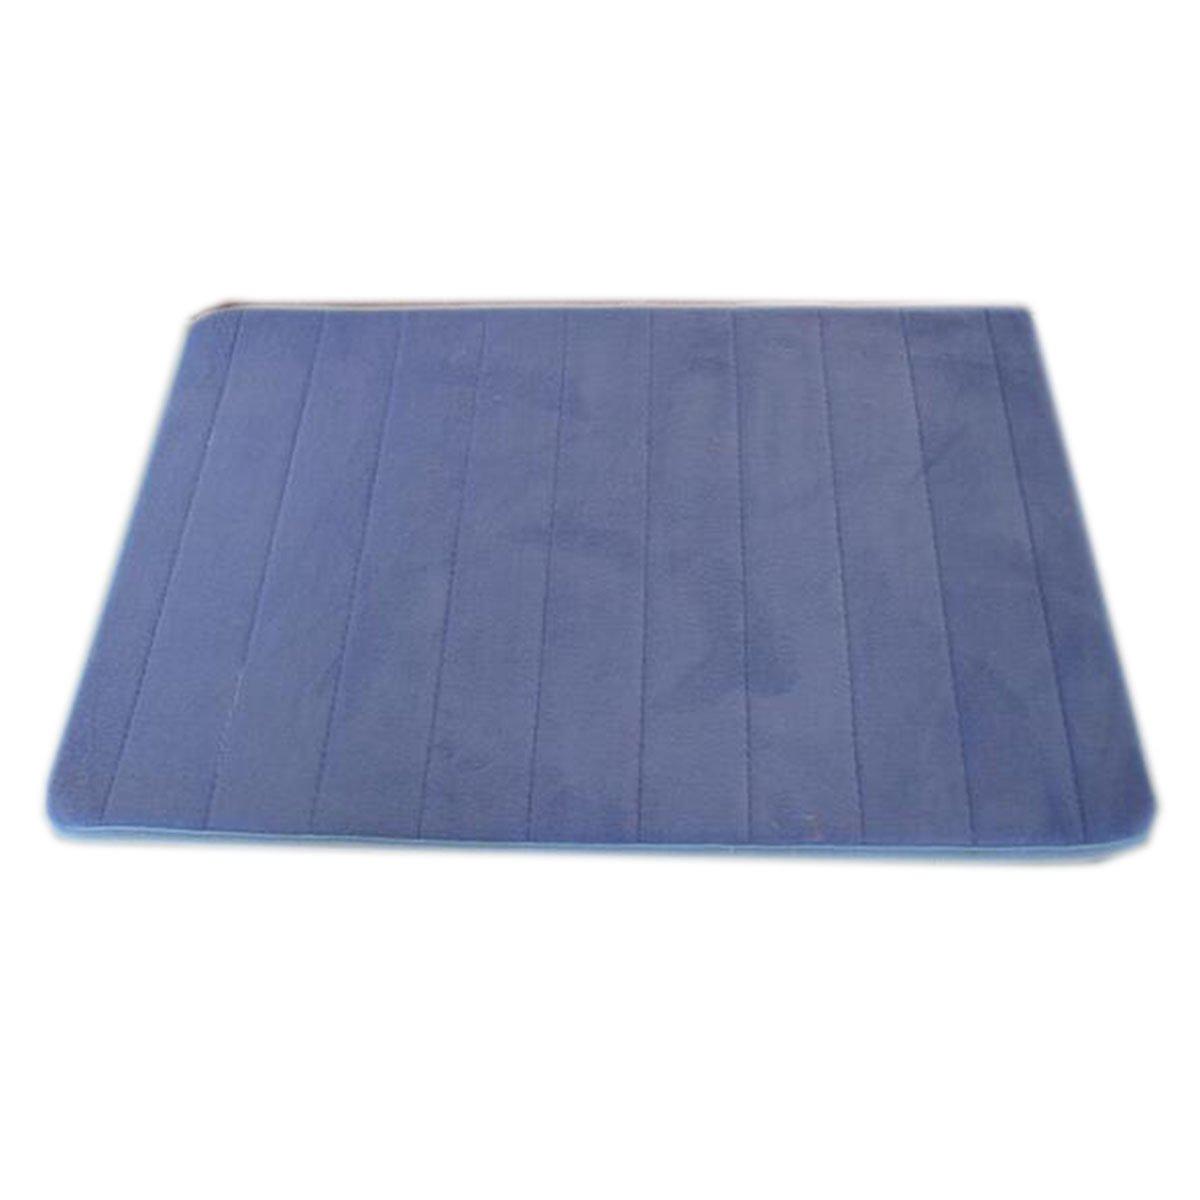 Jia Qing Müll-Tür Küche Badezimmer Staub-Matte Absorbent Anti-Rutsch-Küche Bad Matte Dicker Eintrag Mat,J-XXL B075GGVPFL Duschmatten